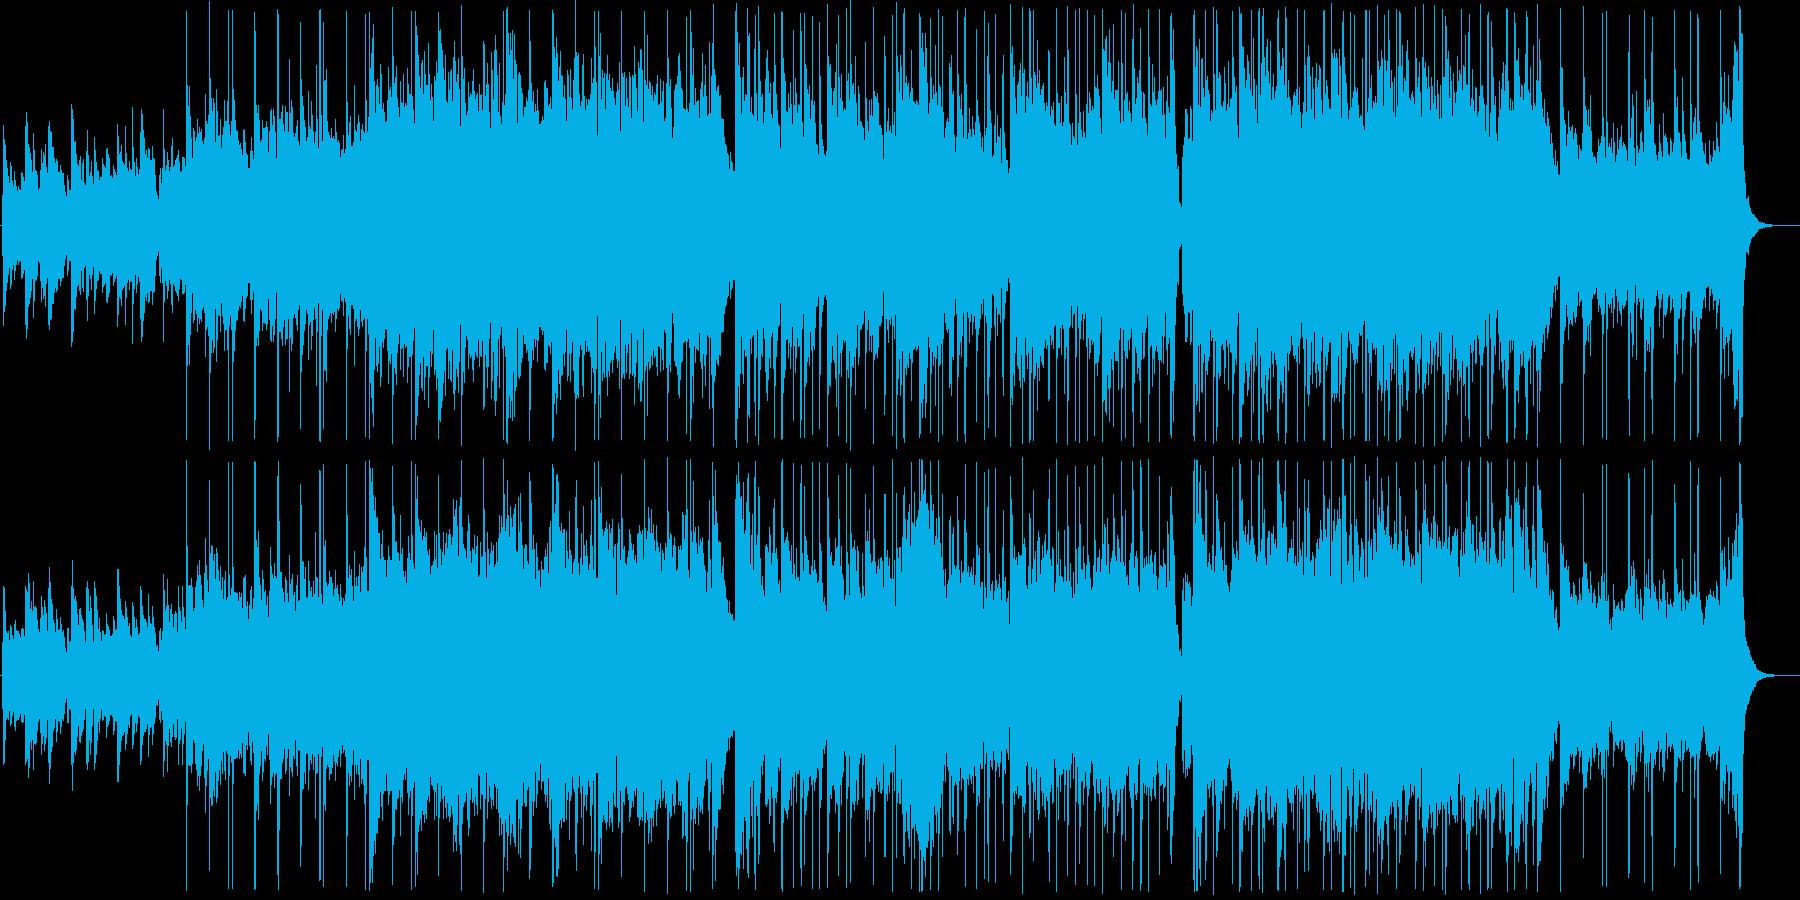 ピアノストリングスの癒しBGMの再生済みの波形